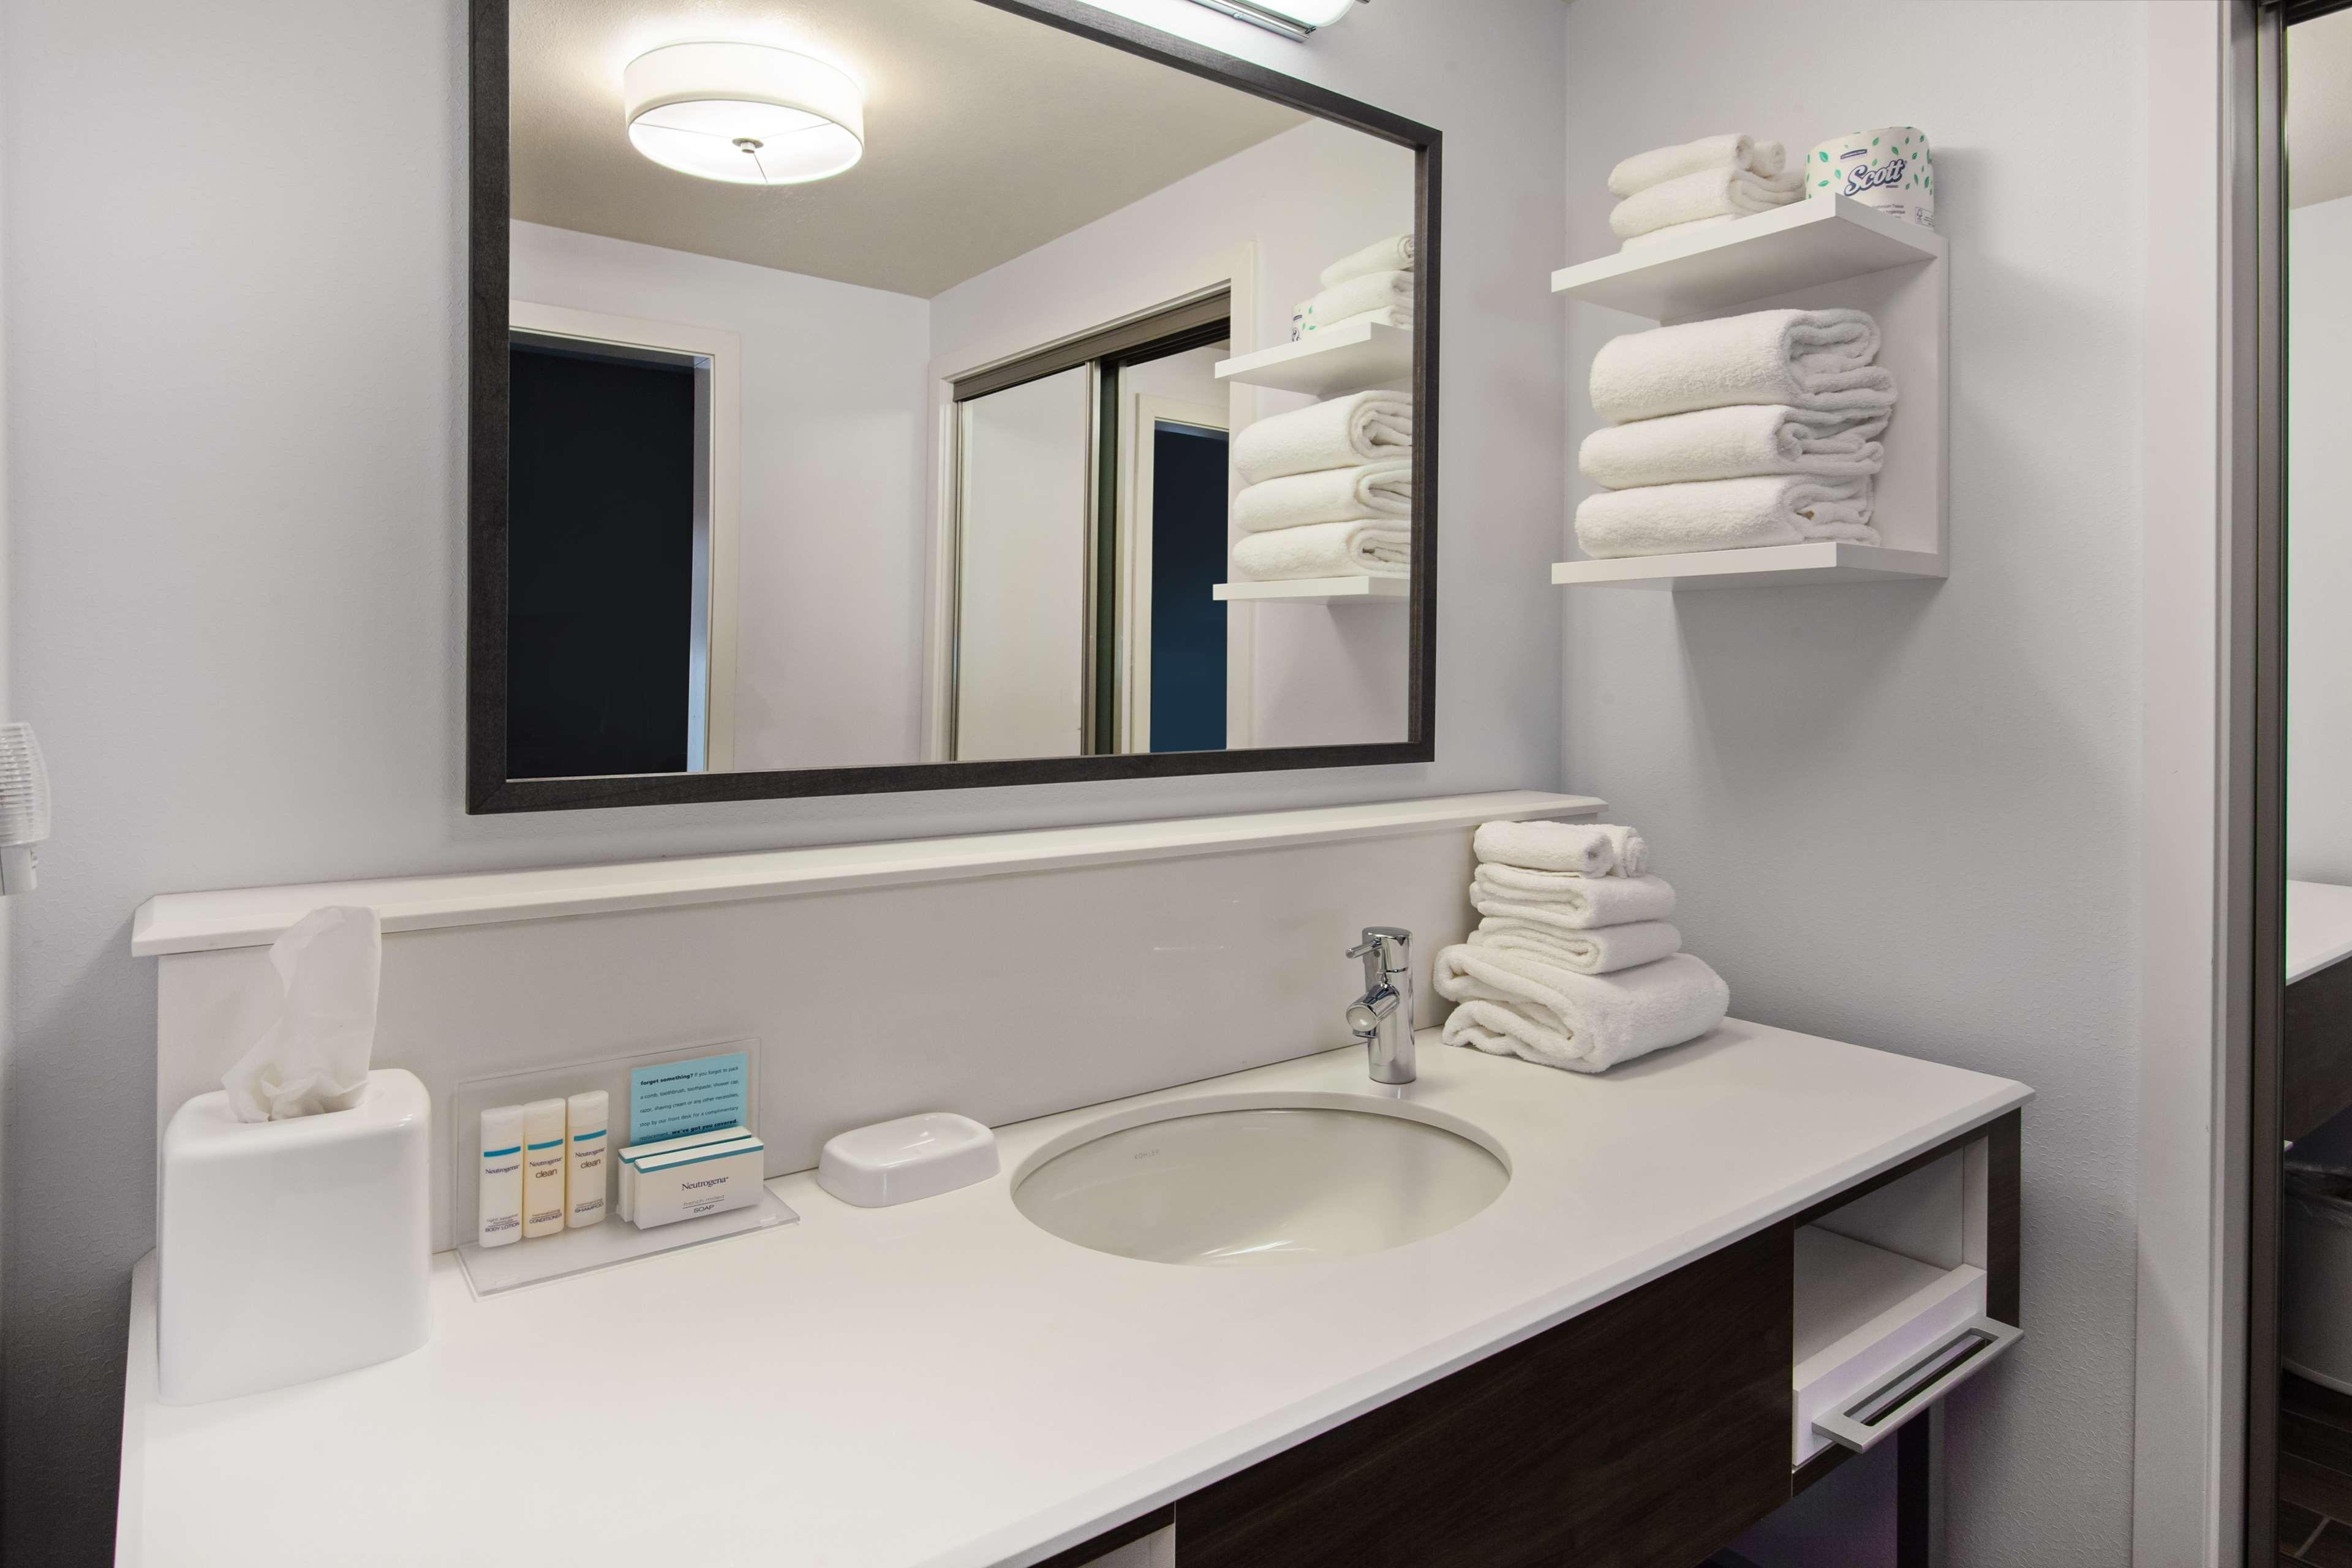 Hampton Inn & Suites Leavenworth image 15